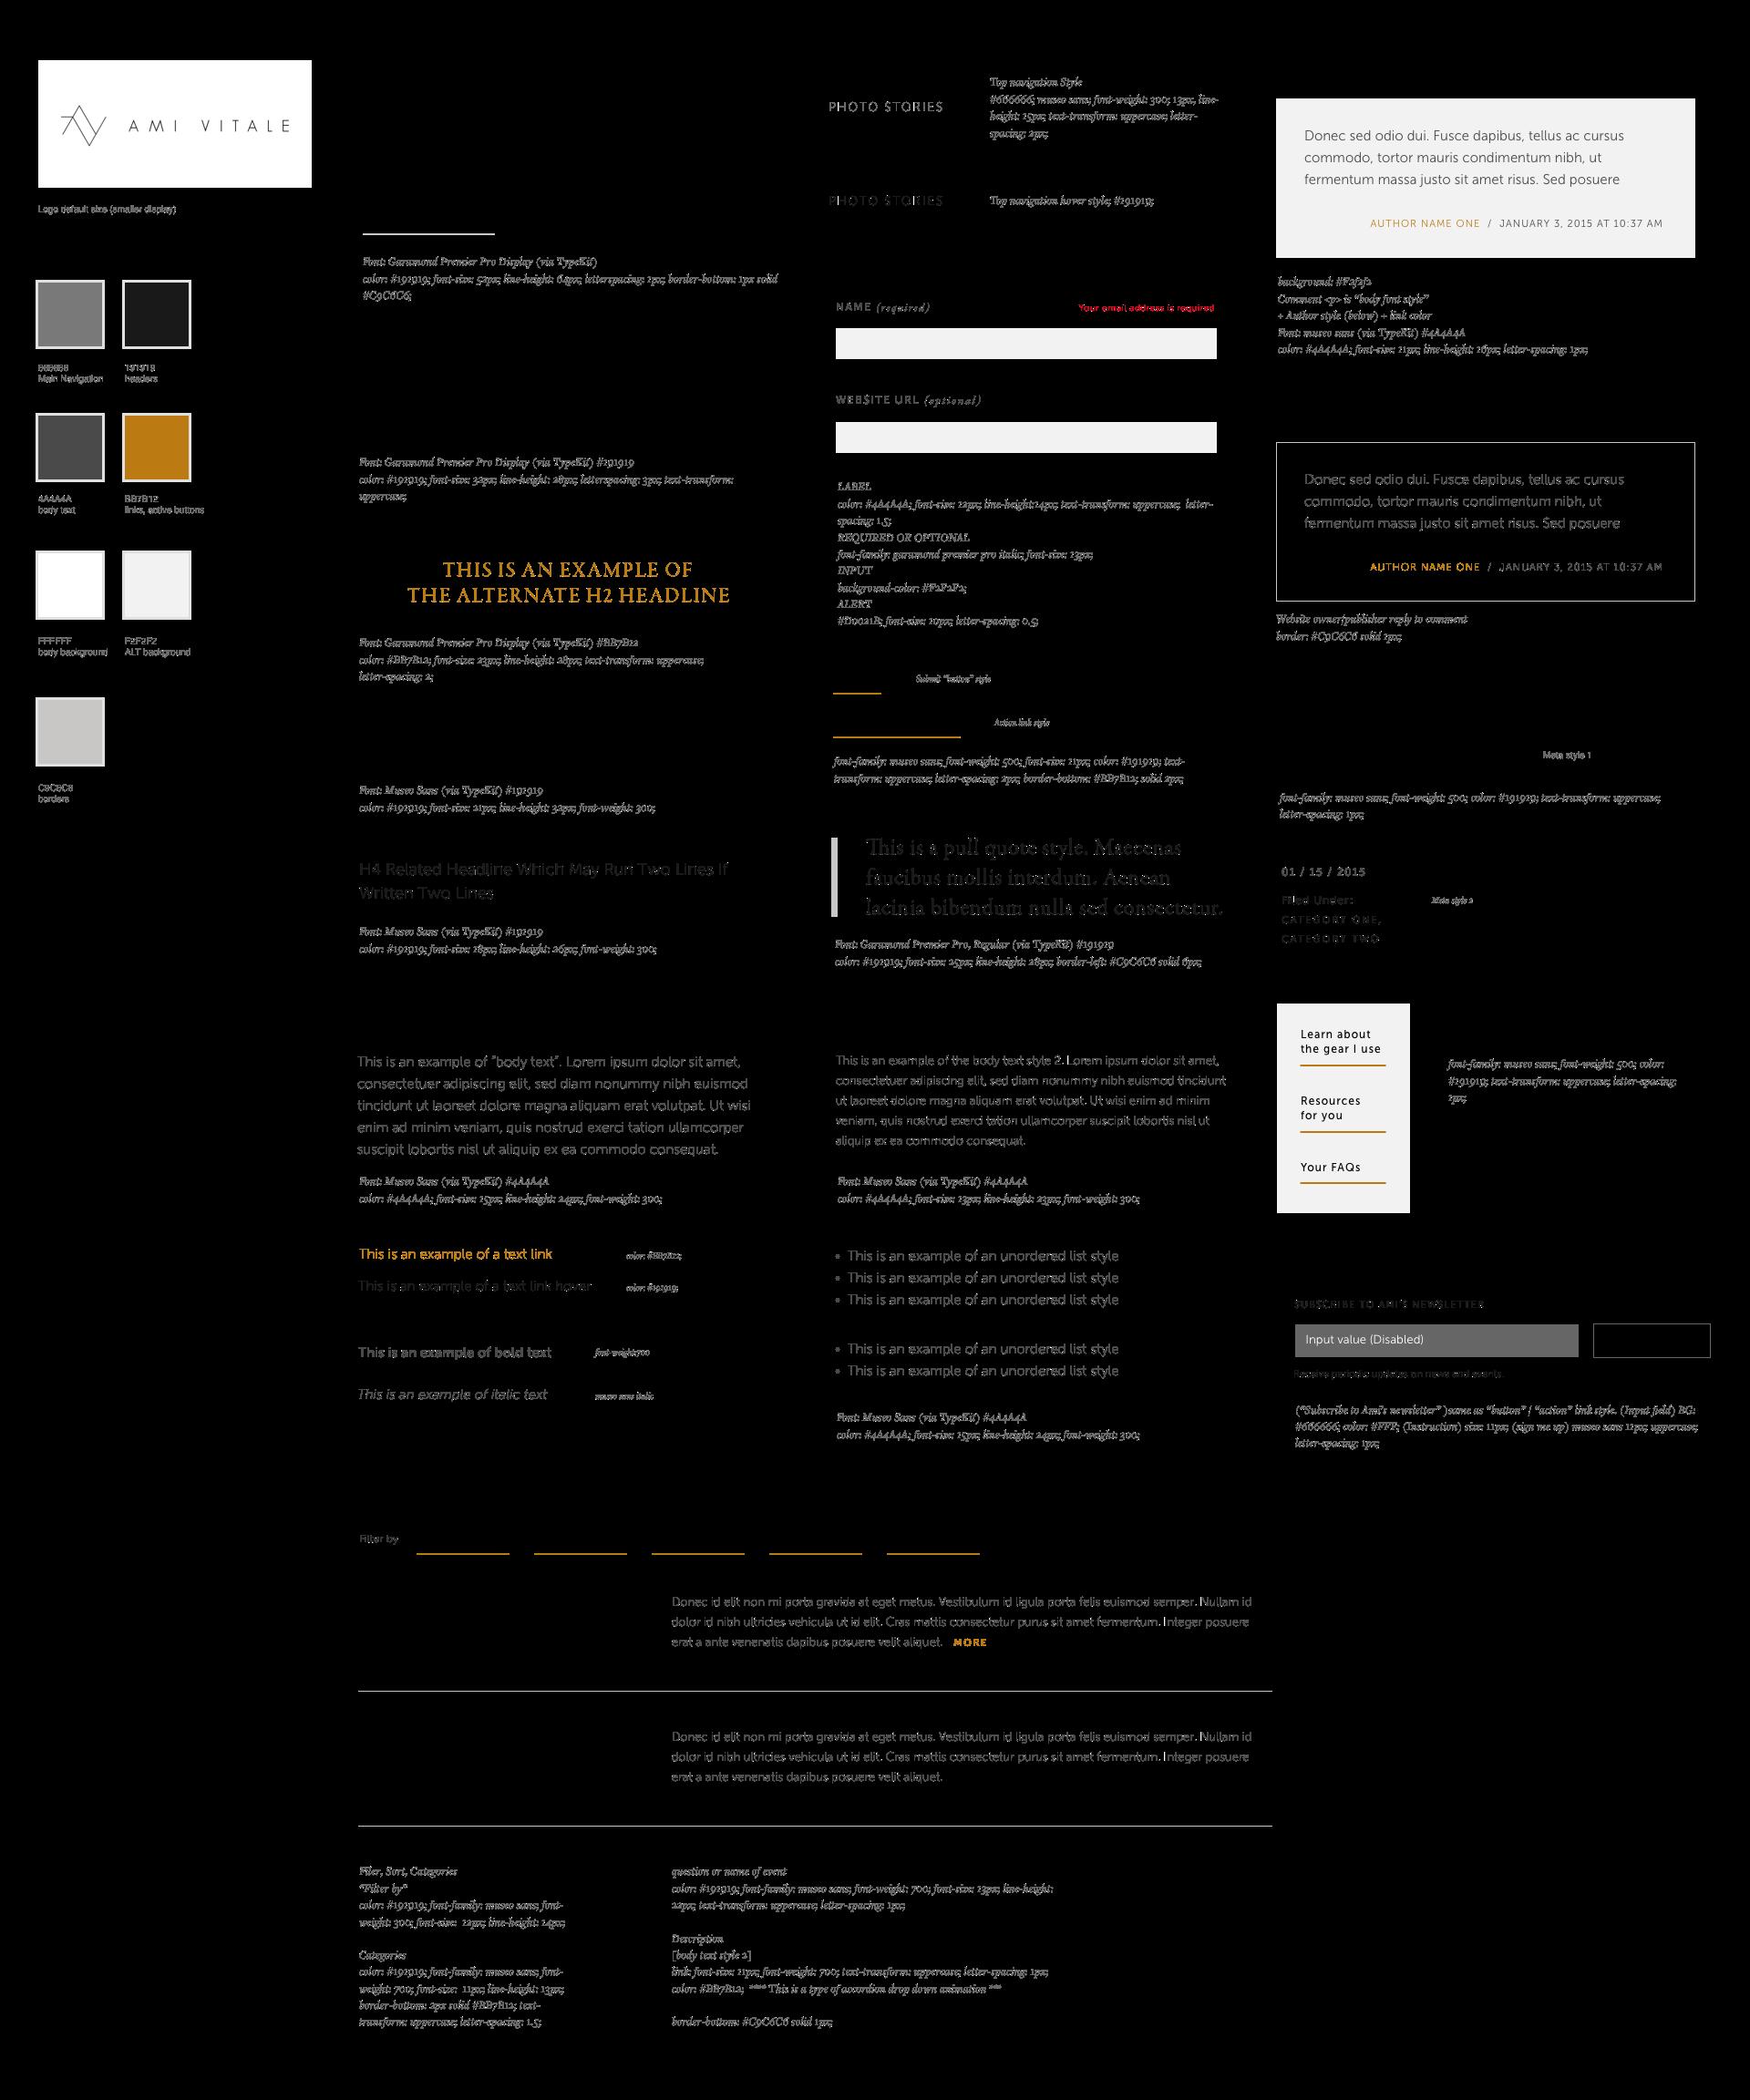 website typographic styles